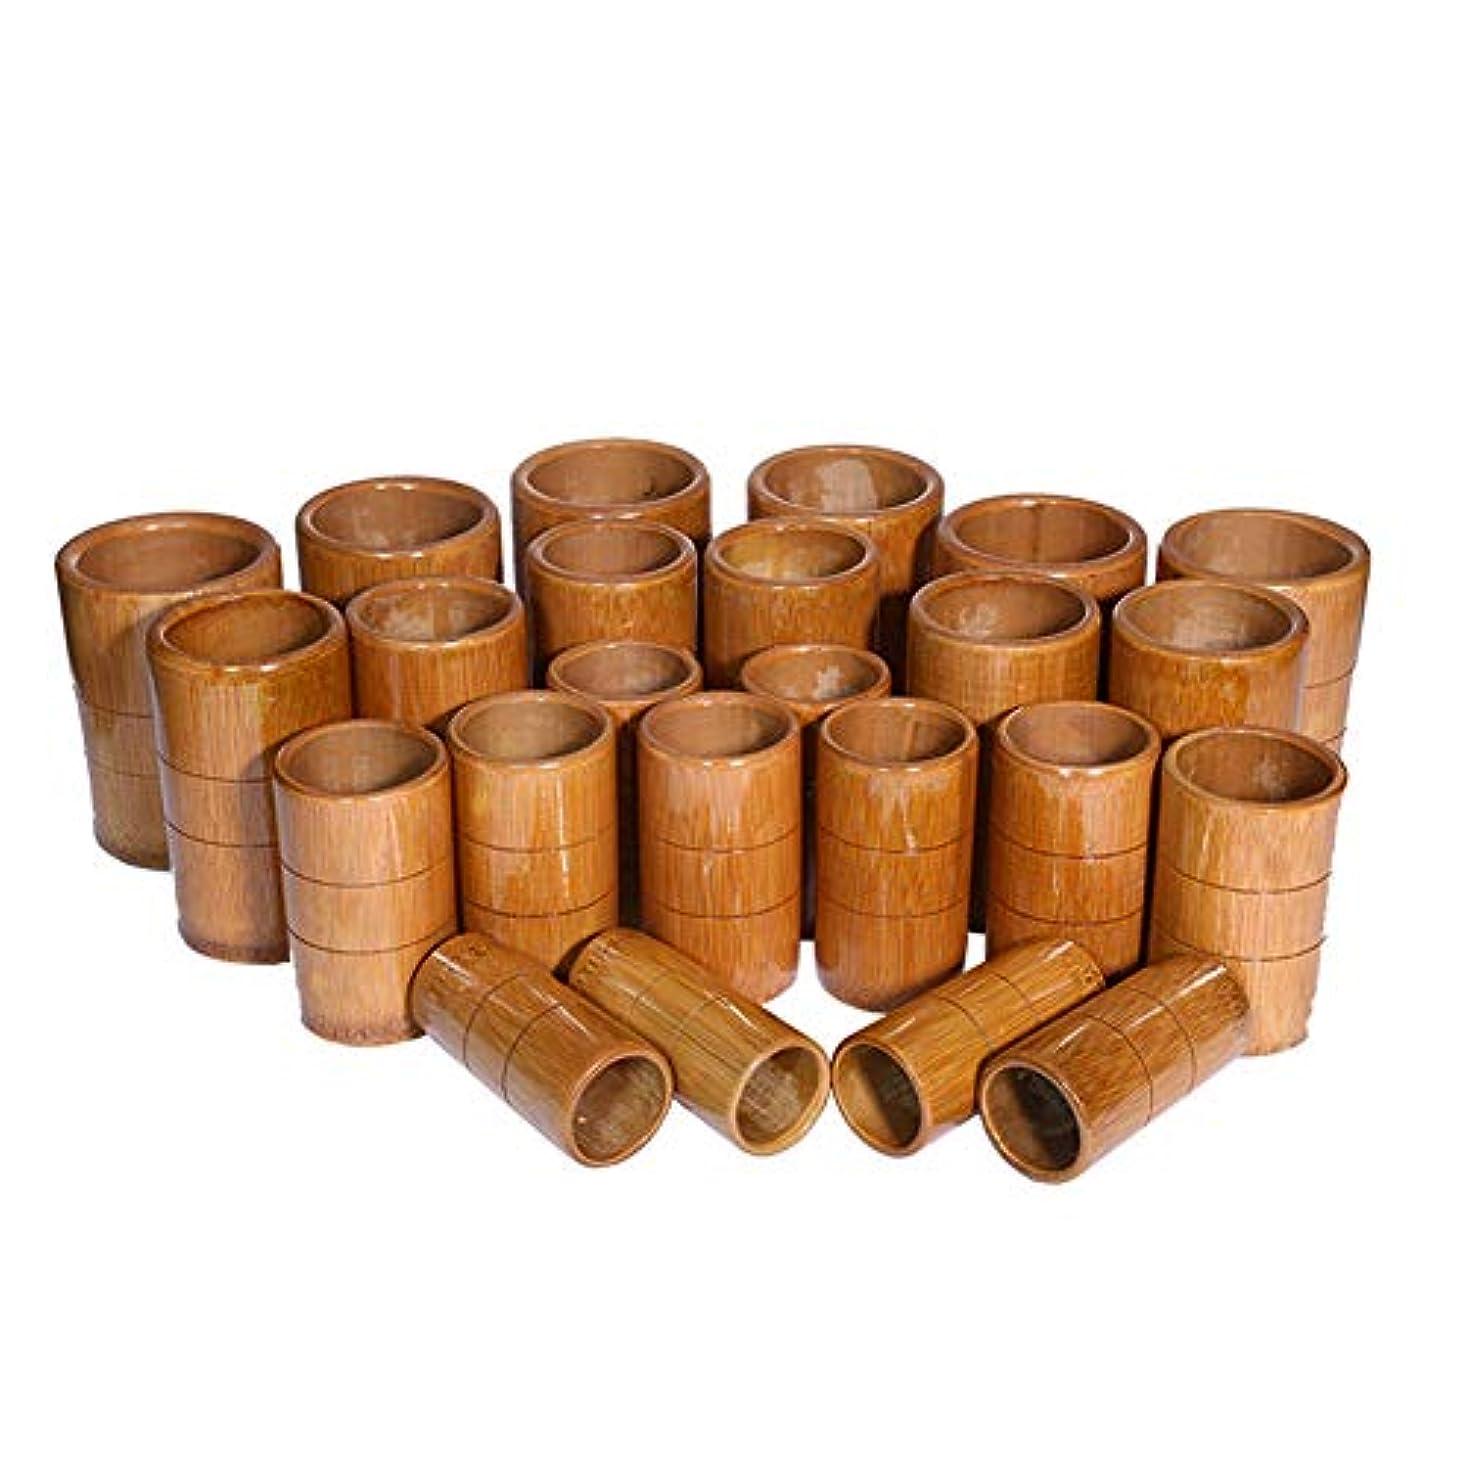 拮抗する誤解させる海港カッピング竹療法セットマッサージ真空カップキット - 炭缶鍼灸医療吸引セット,A10pcs